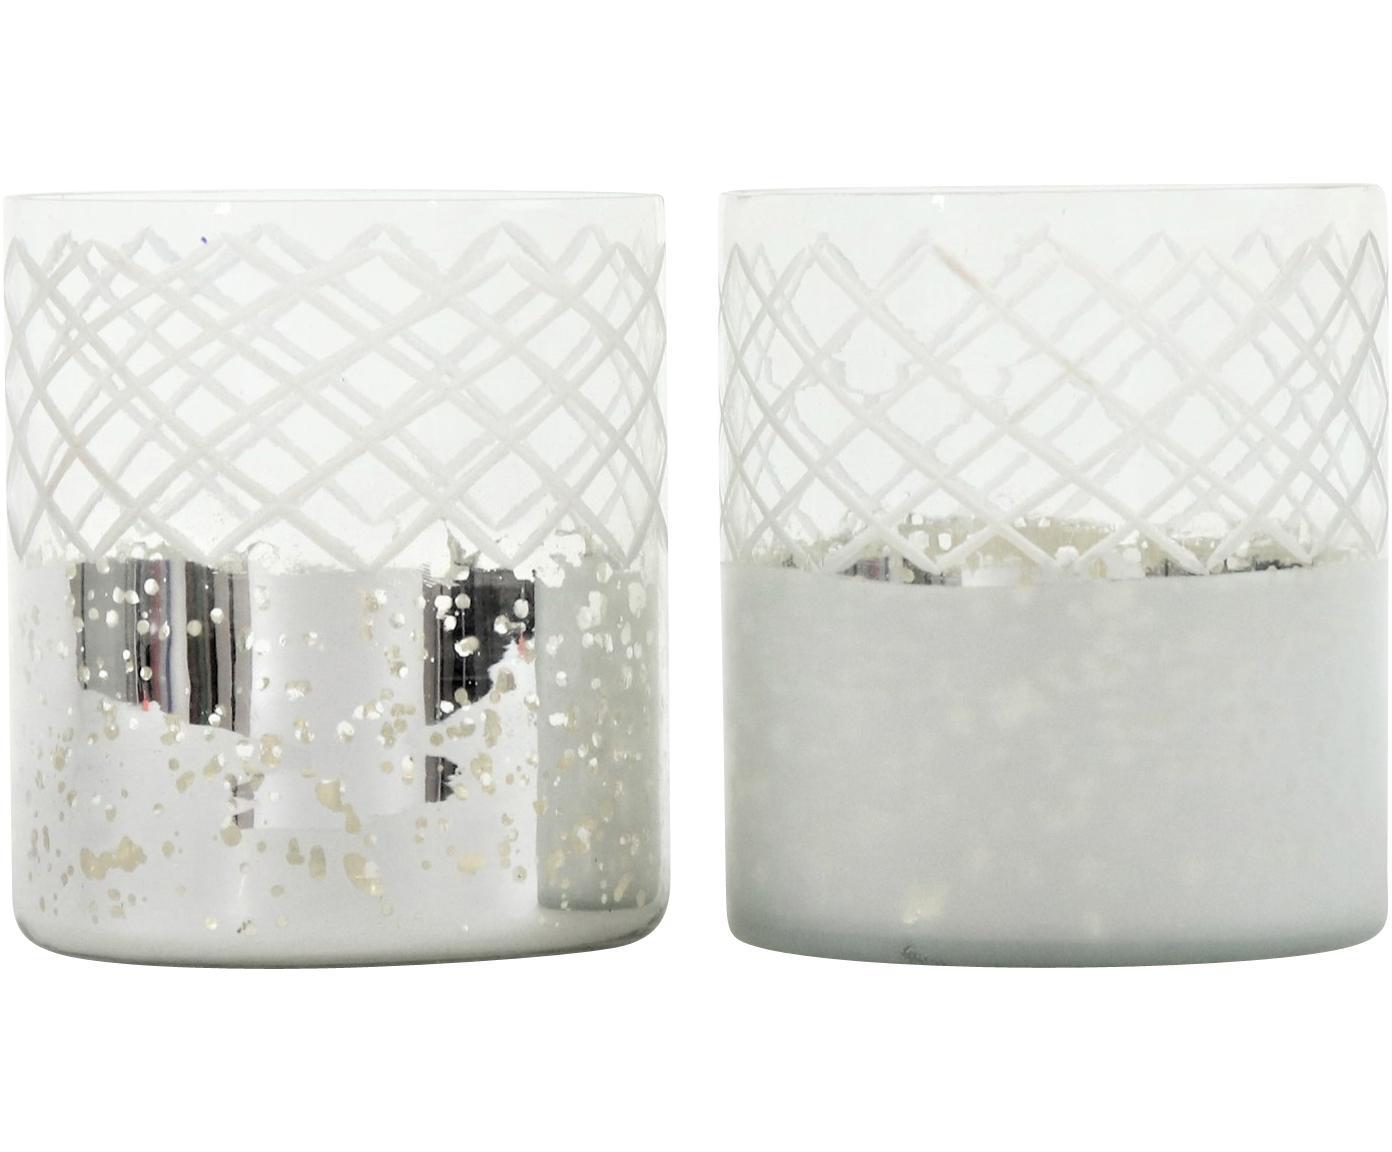 Windlichter-Set Lustro, 2-tlg., Glas, Silberfarben, Transparent, Ø 12 x H 17 cm